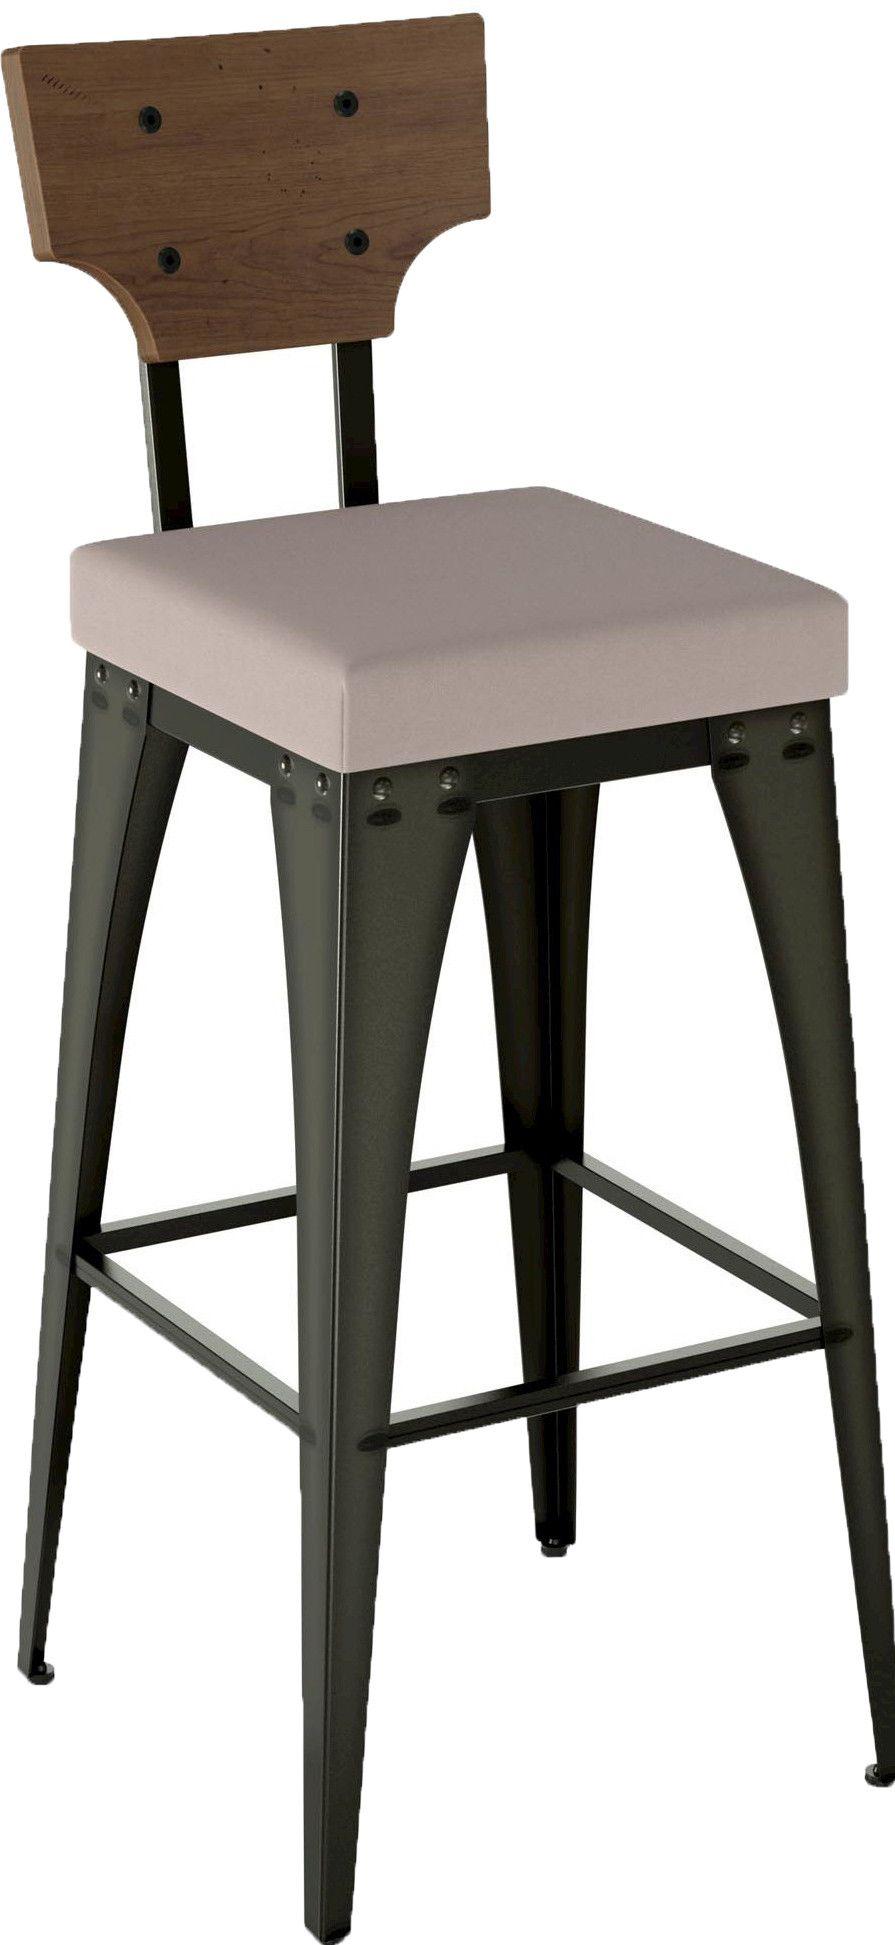 Shiena Bar Amp Counter Stool Set Of 2 Bar Stools 30 Bar